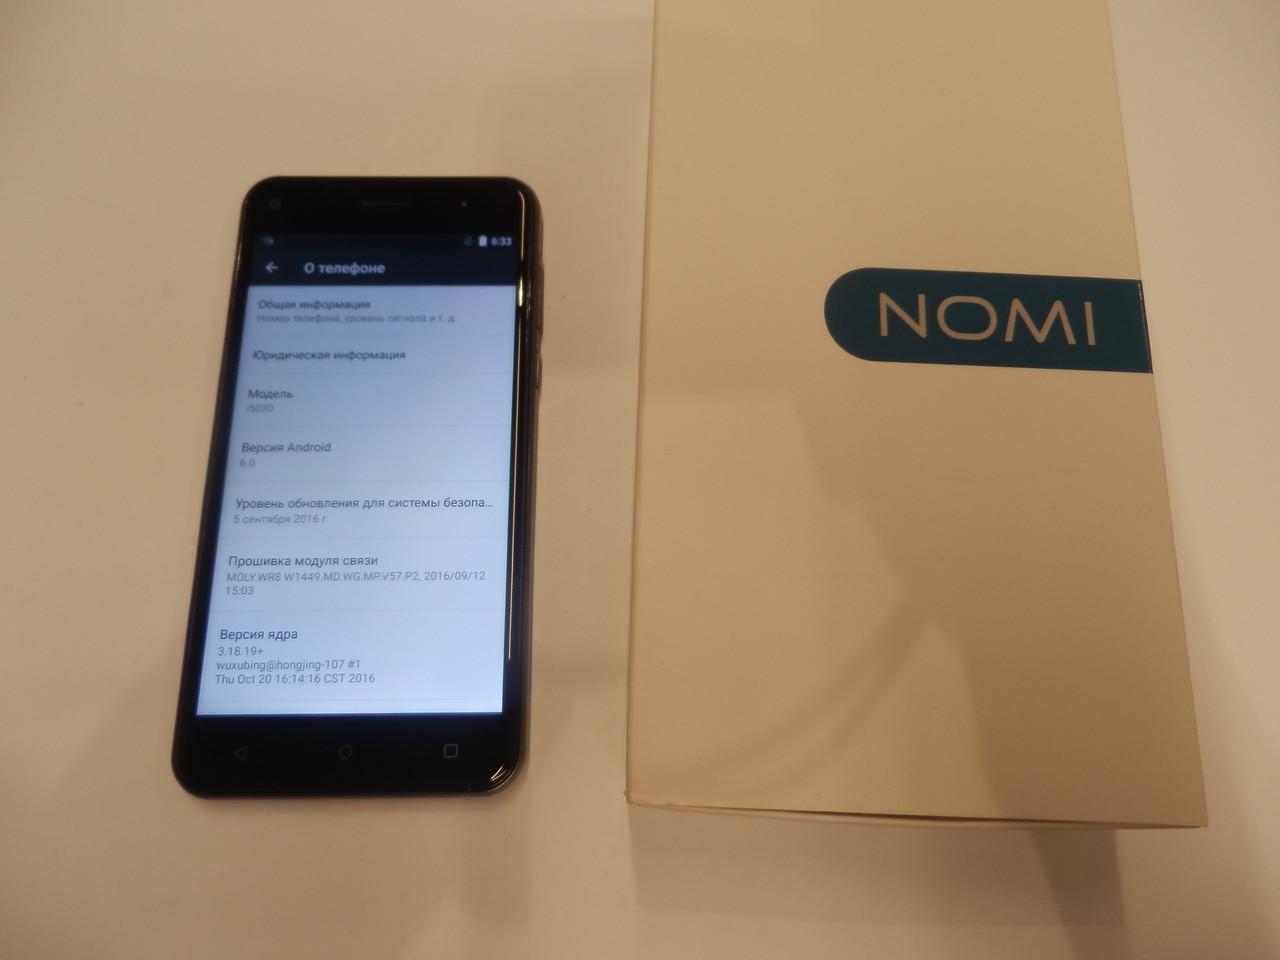 Мобильный телефон Nomi i5030 EVO X 361ВР